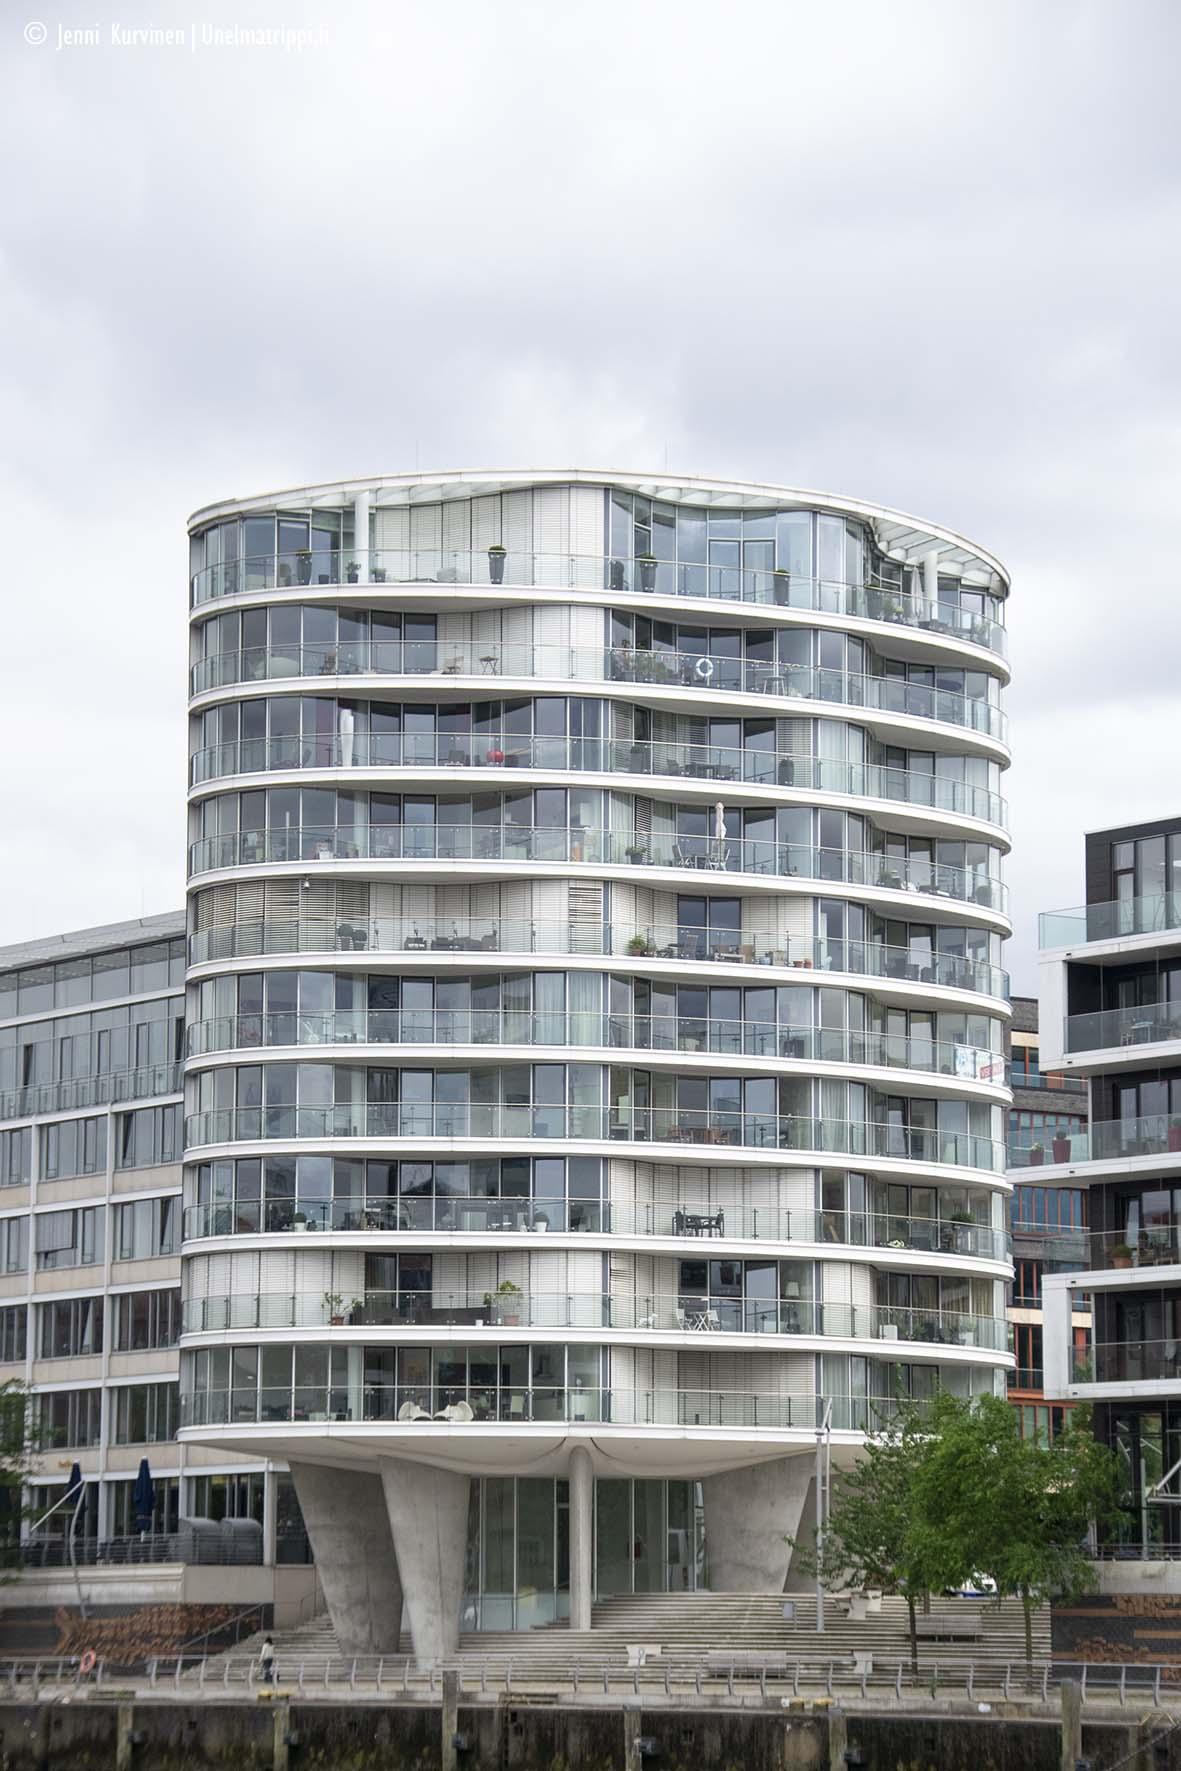 20181125-Unelmatrippi-Hampuri-arkkitehtuuri-DSC0224